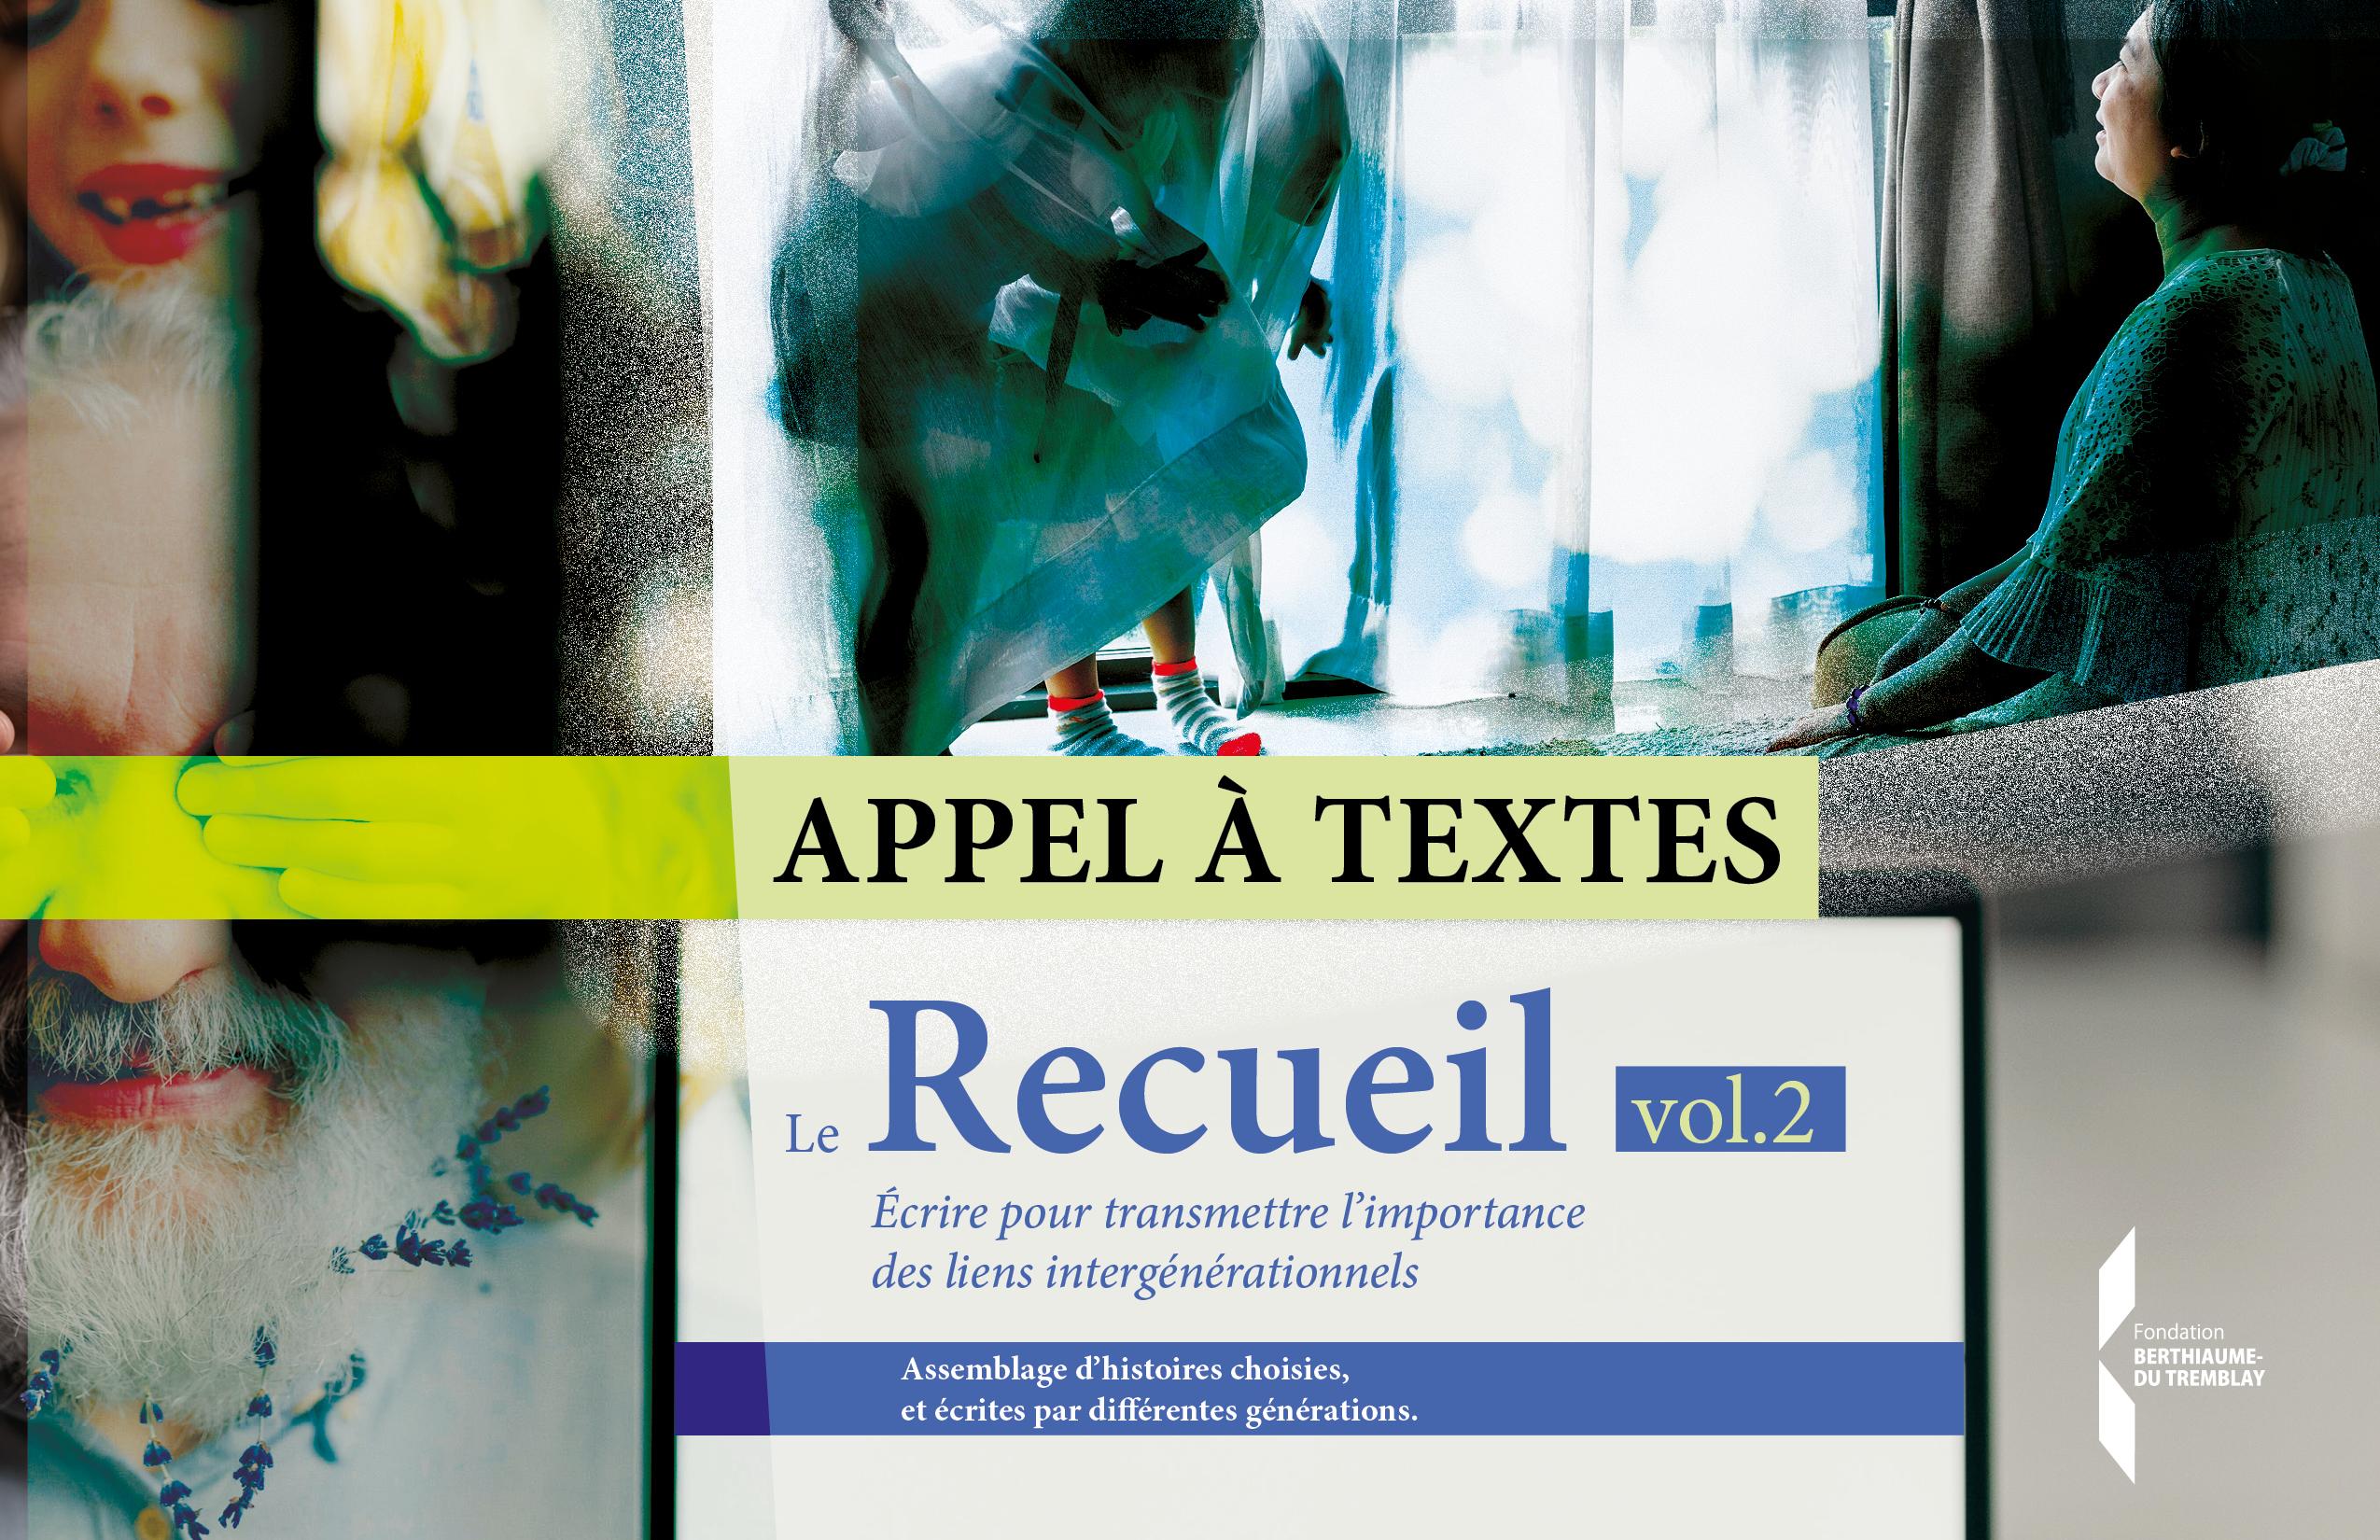 Appel à textes pour la 2e édition du Recueil !